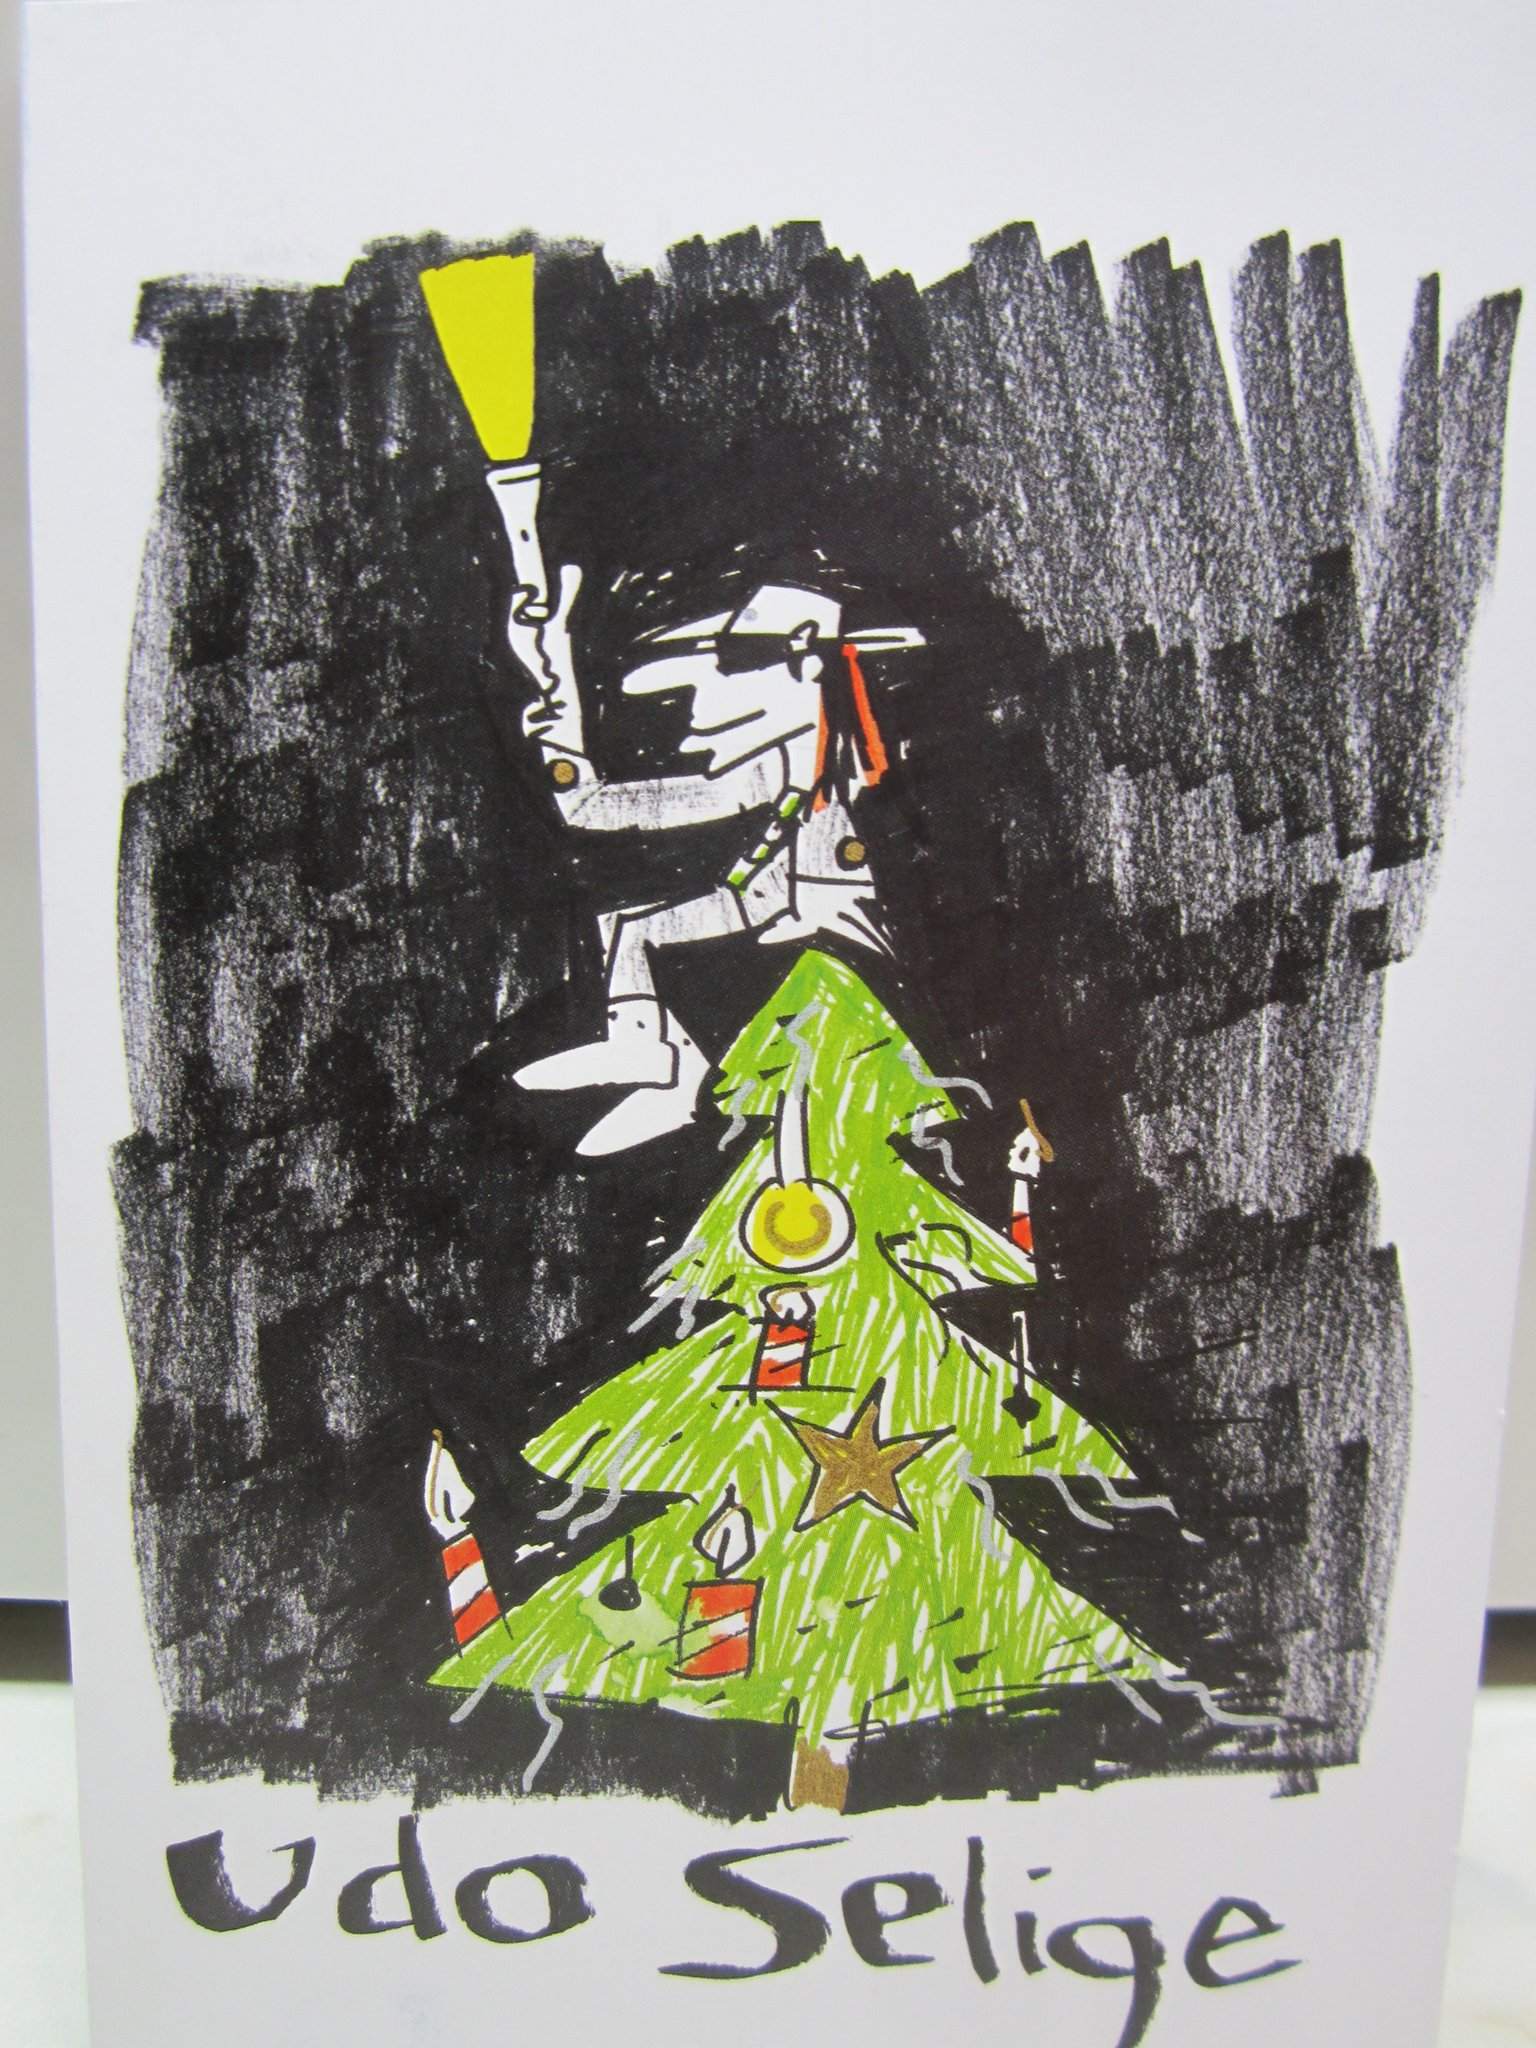 Weihnachtskarten Udo Lindenberg.Udo Lindenberg Für Unicef Wesel